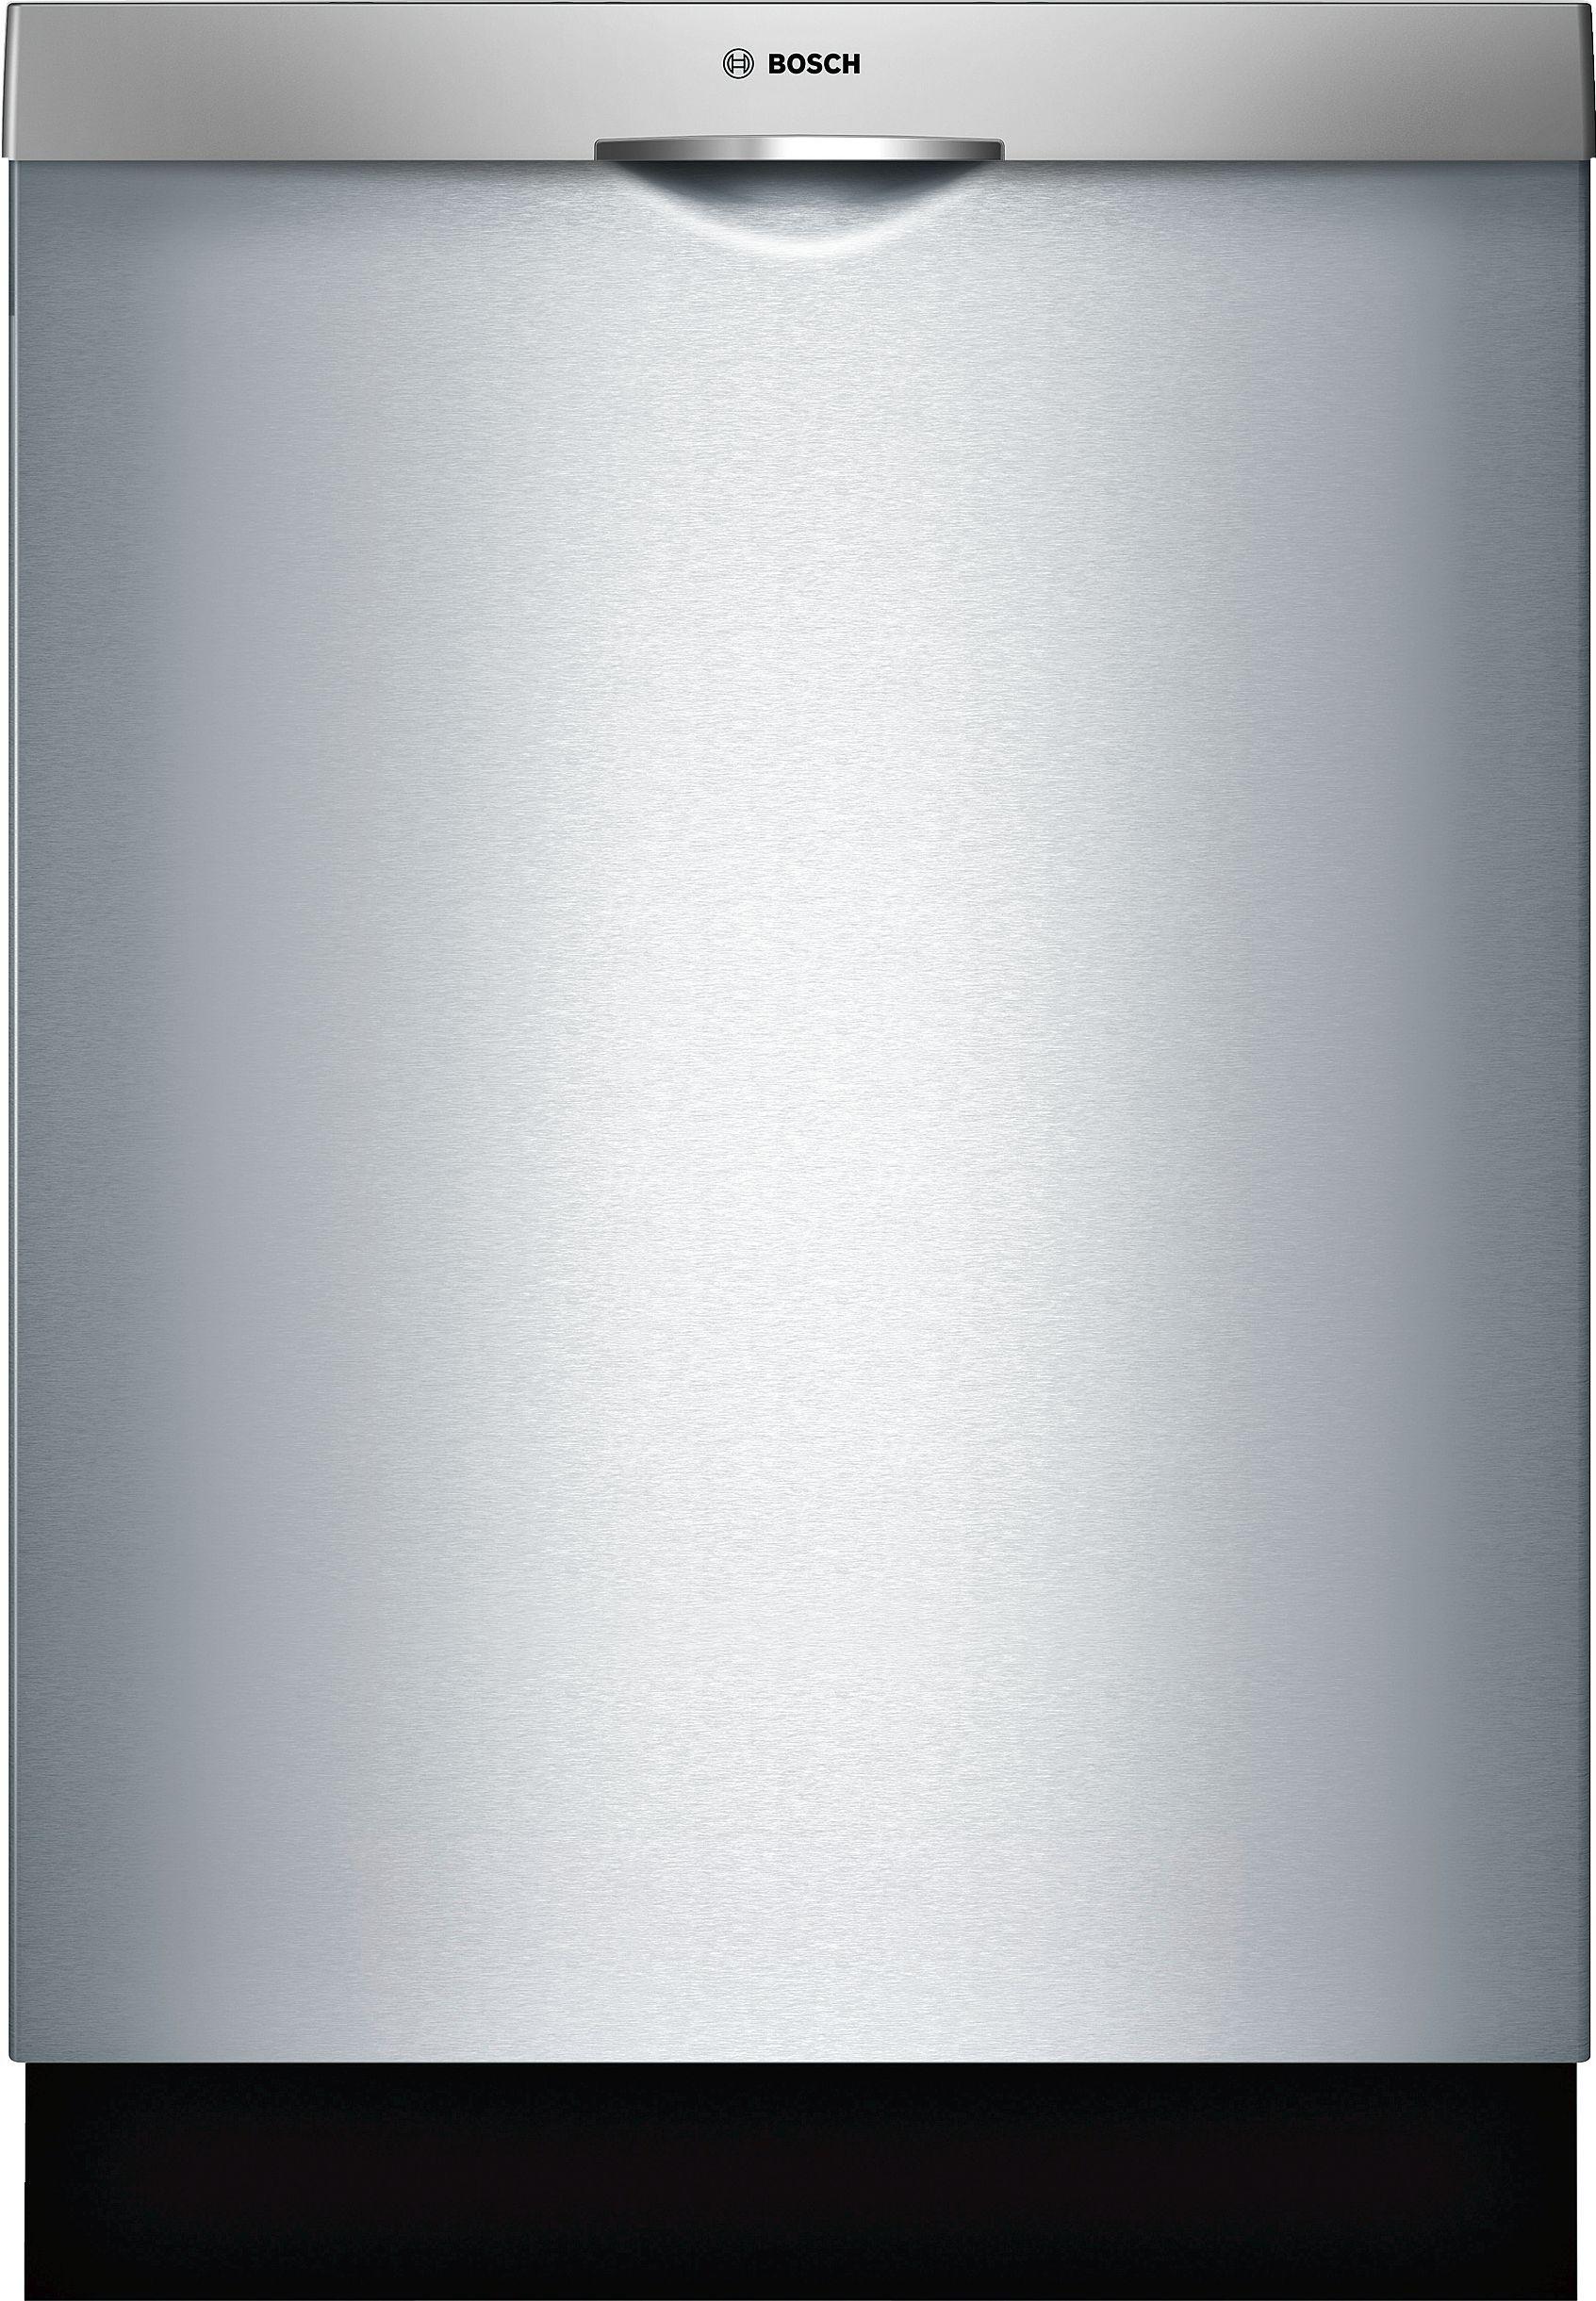 300 Series Stainless Steel Shs863Wd5N  300 Series  Shs863Wd5N